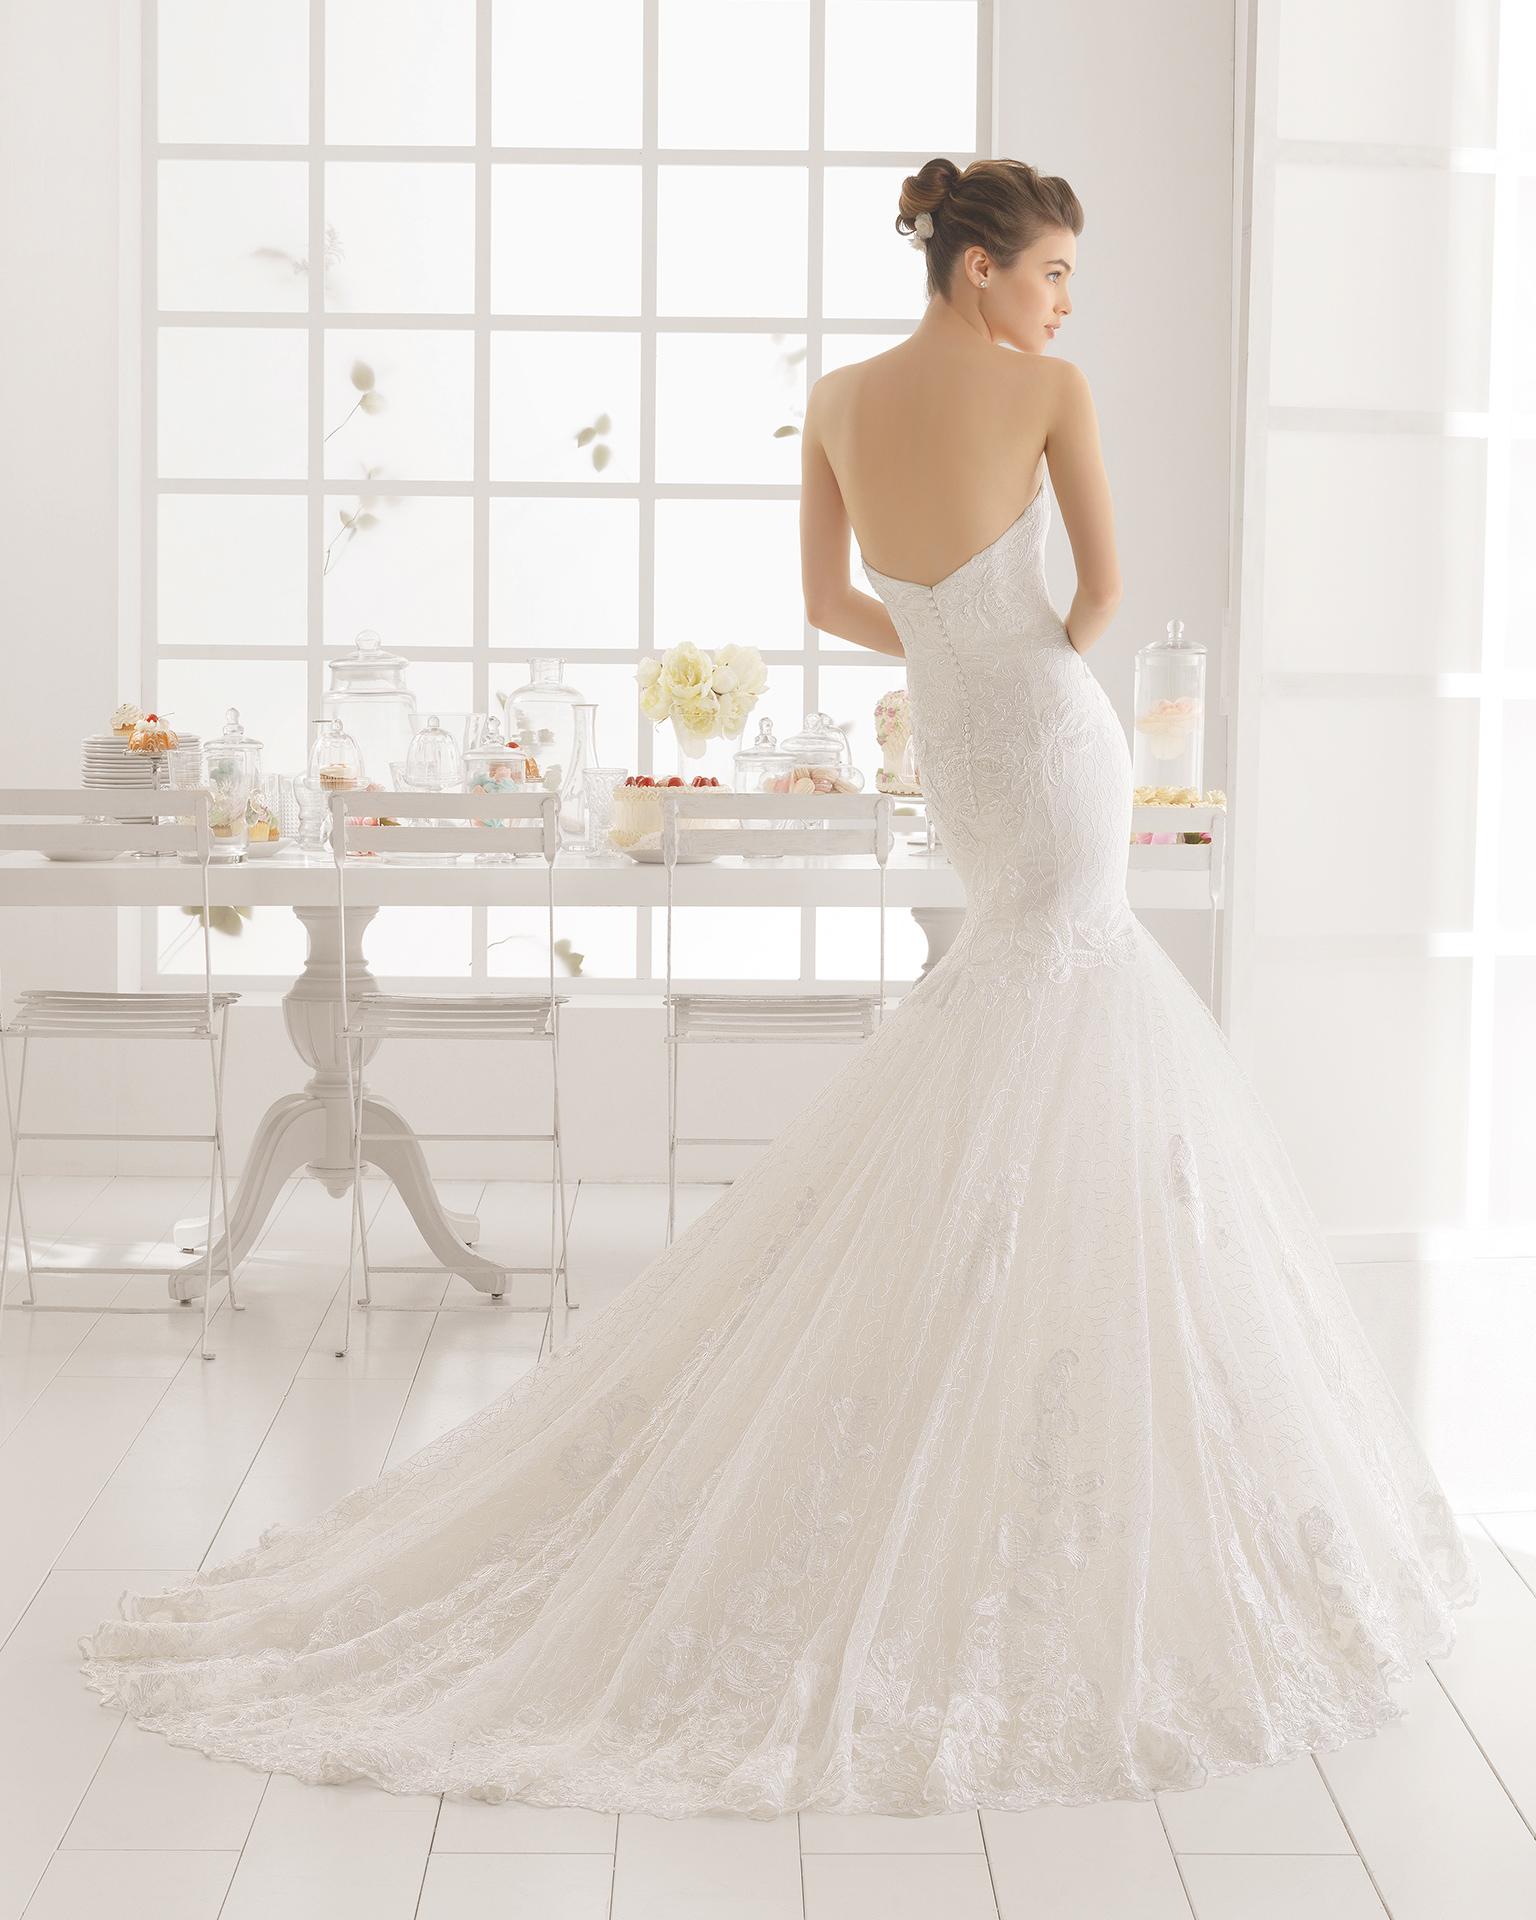 MARTE Hochzeitskleid aus Strass besetzter Spitze.